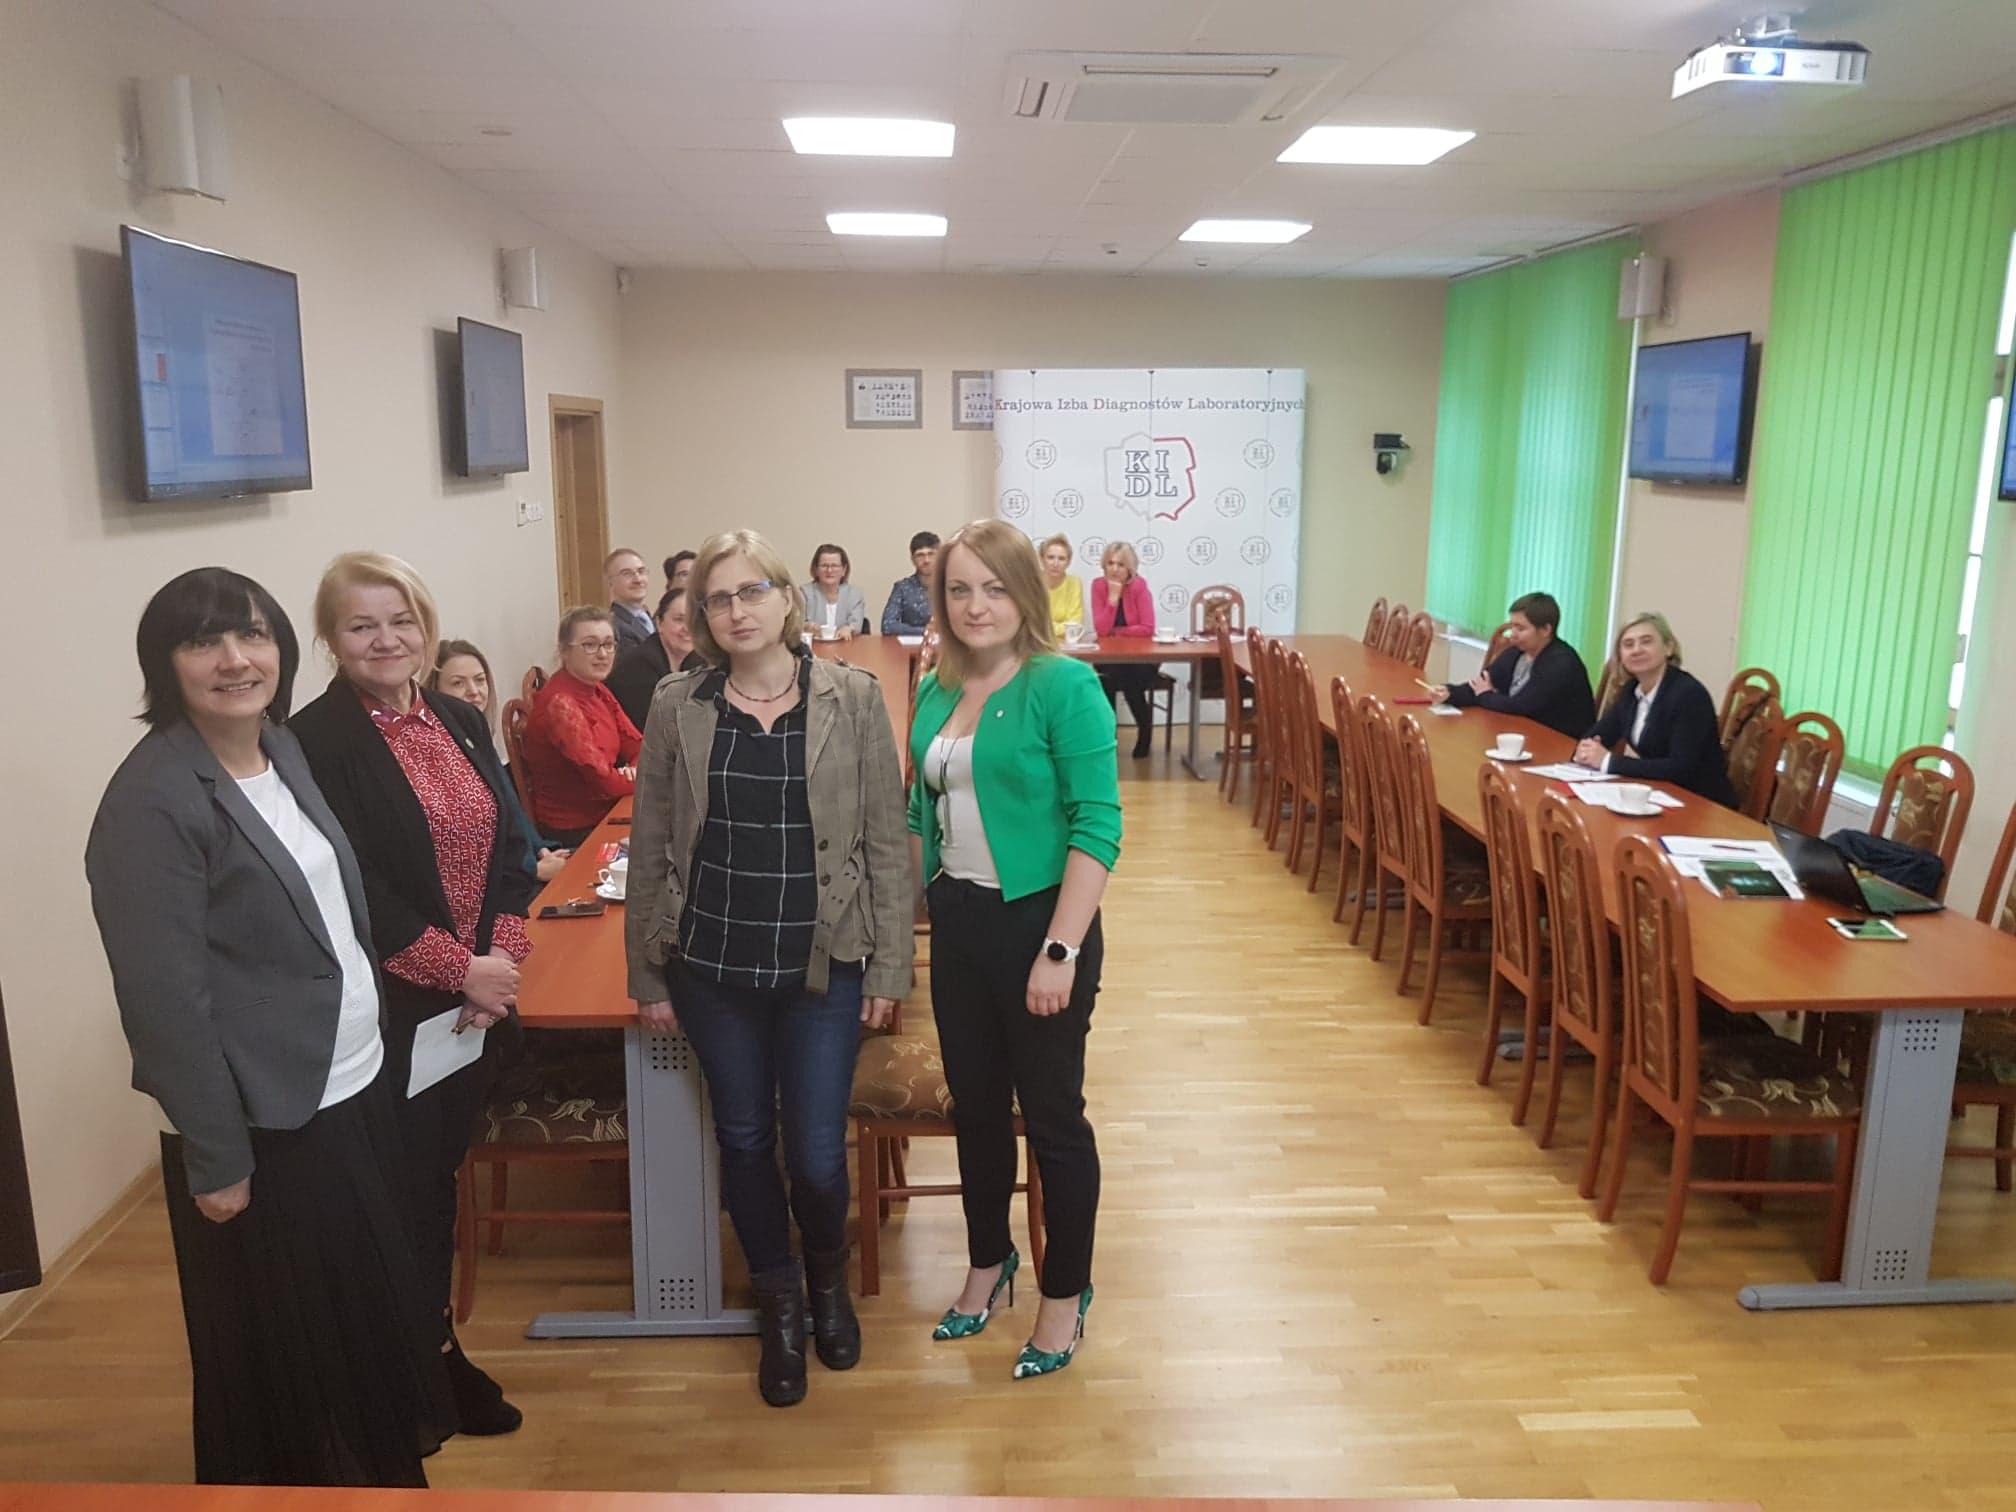 W siedzibie KIDL odbyło się spotkanie Komisji do spraw diagnostyki toksykologicznej oraz przedstawicieli wszystkich jednostek w Polsce prowadzących diagnostykę toksykologiczną.